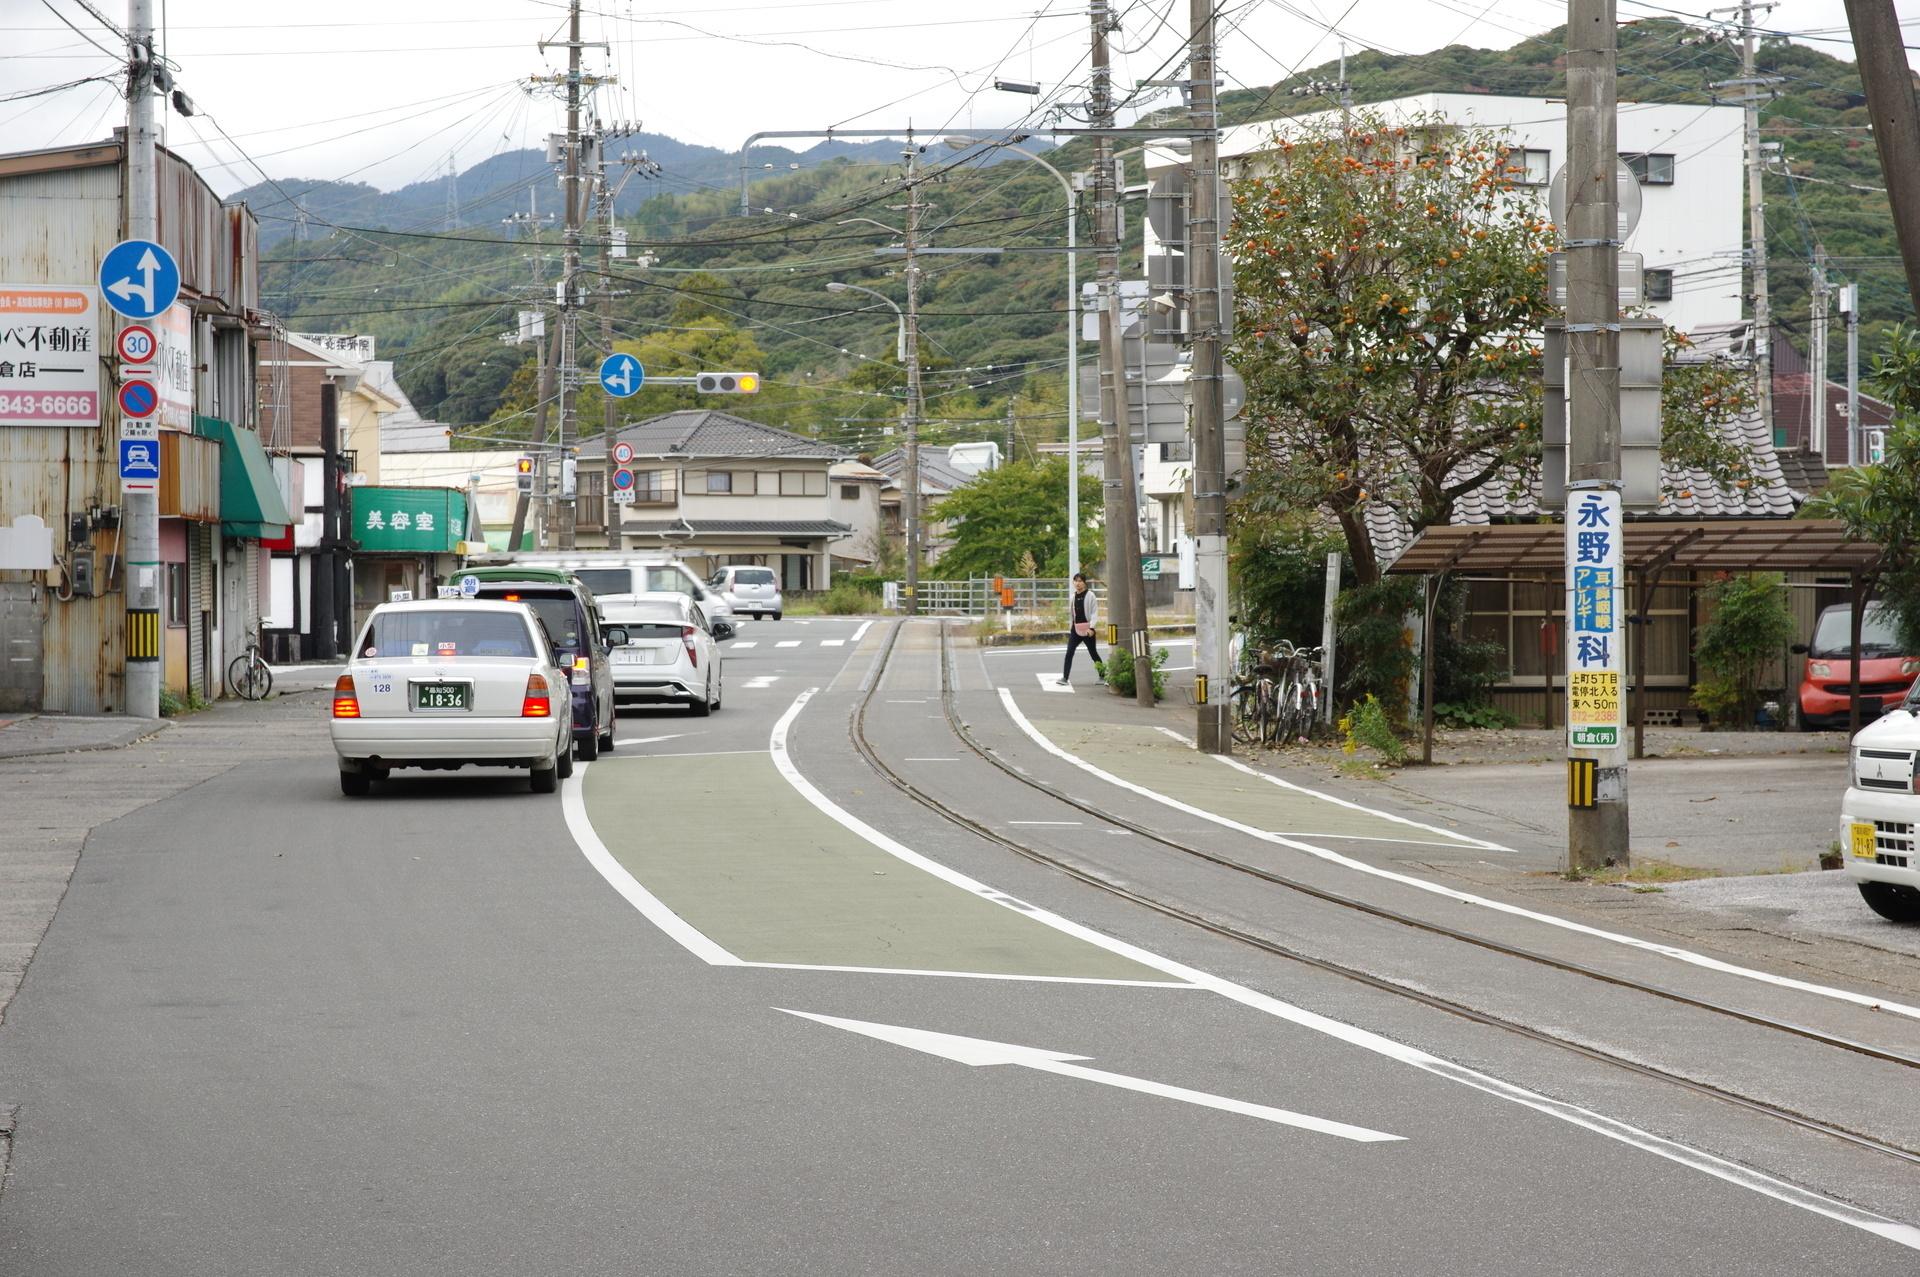 朝倉駅前の全景(はりまや橋側から)